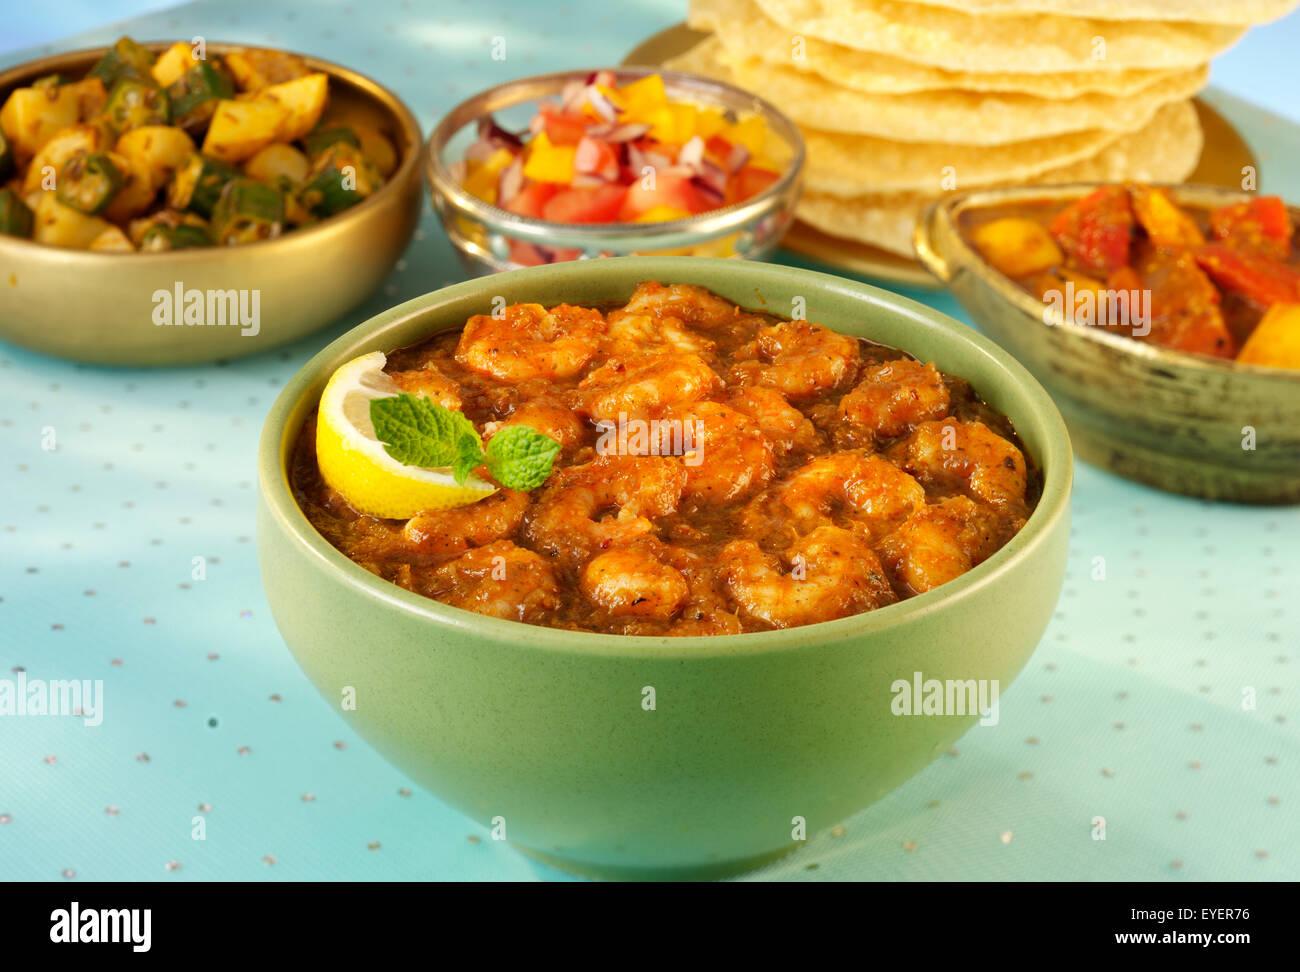 INDIAN KASHMIRI PRAWN/SHRIMP SEAFOOD CURRY - Stock Image